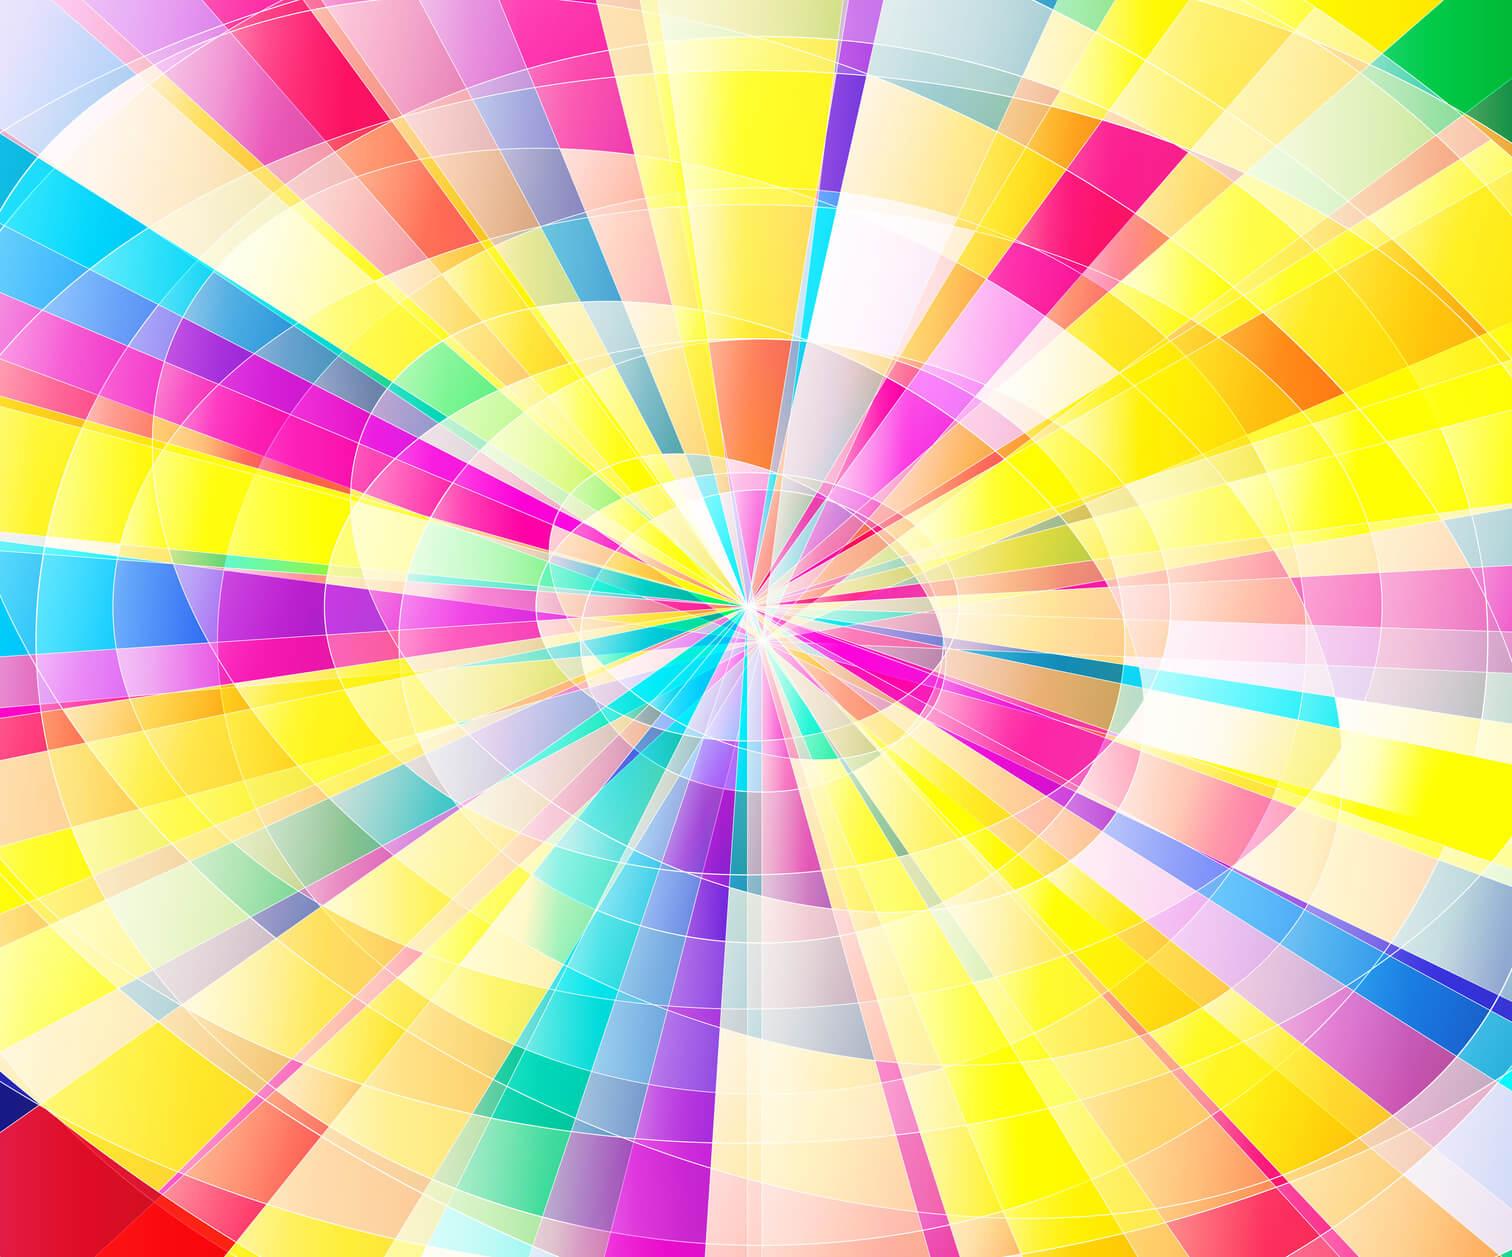 Definici n de colores complementarios concepto en - Cual es el color anil ...